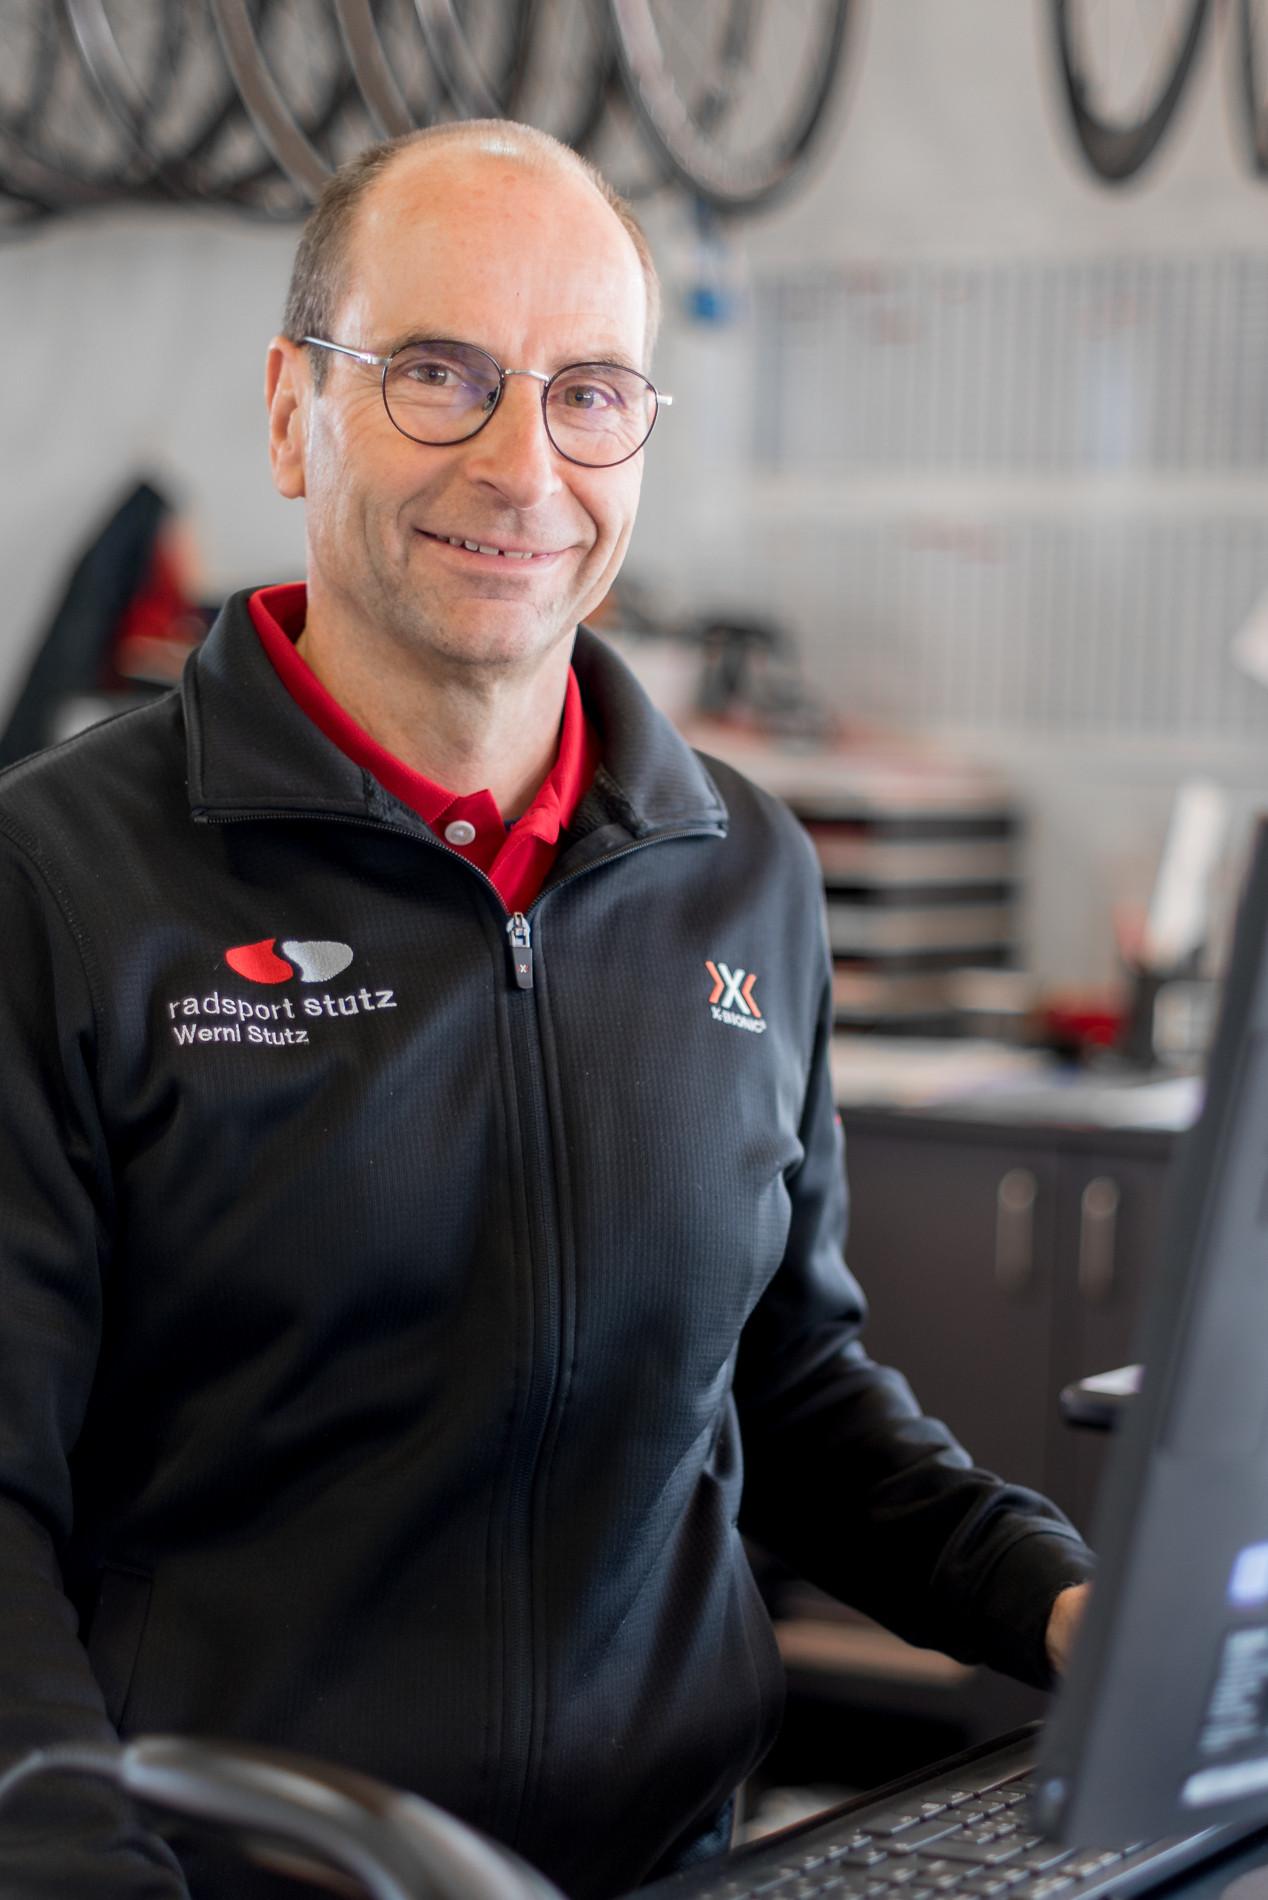 Werner Stutz